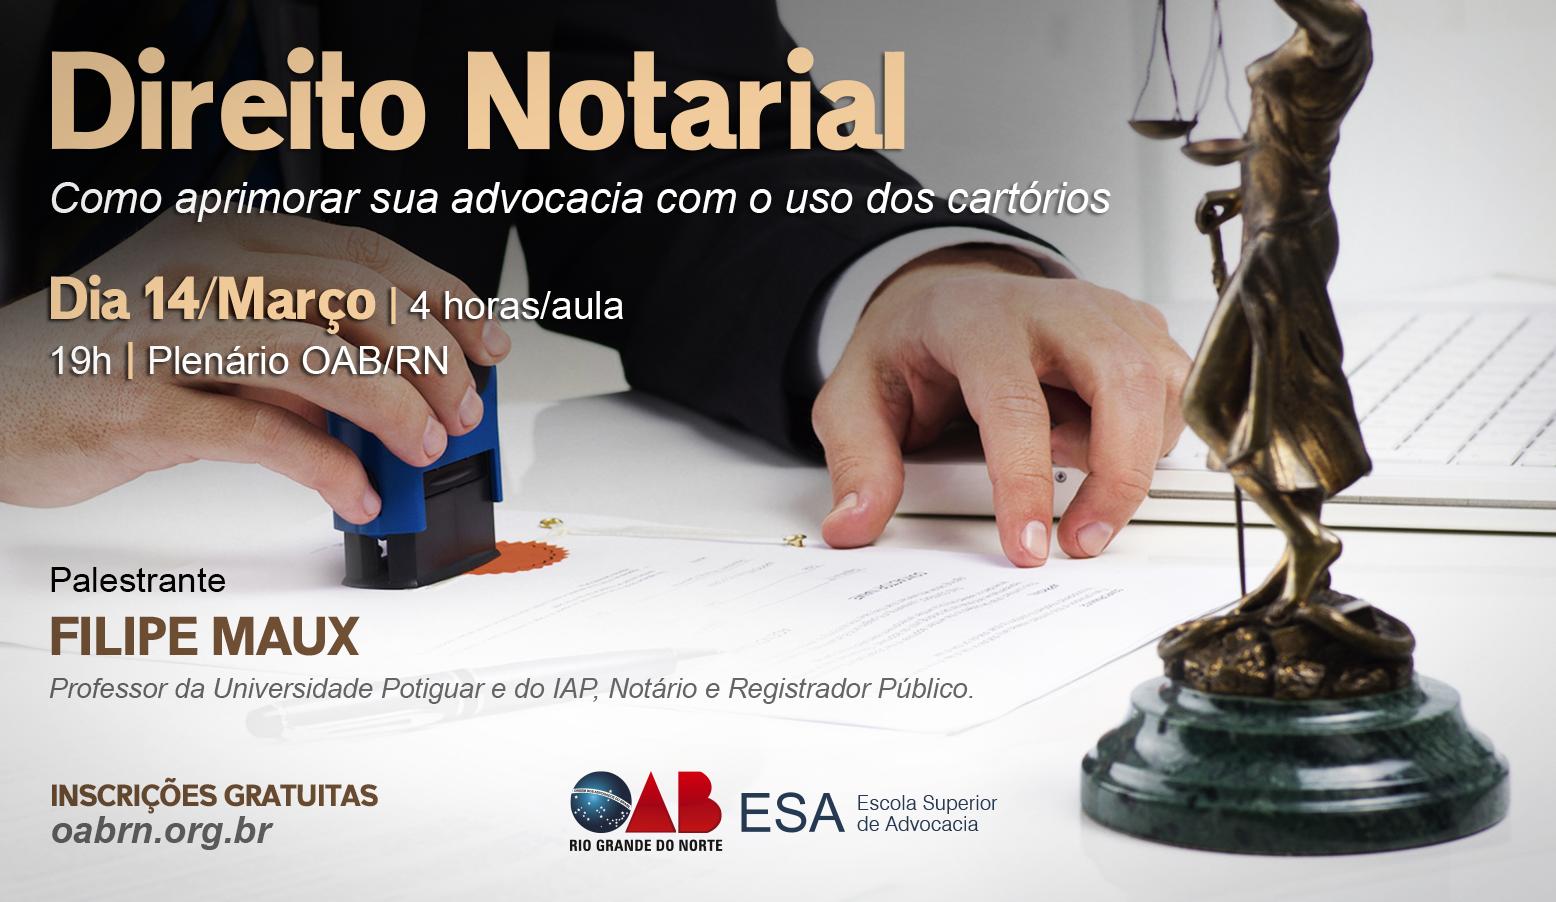 Inscrições abertas para o Workshop de Direito Notarial para advogados